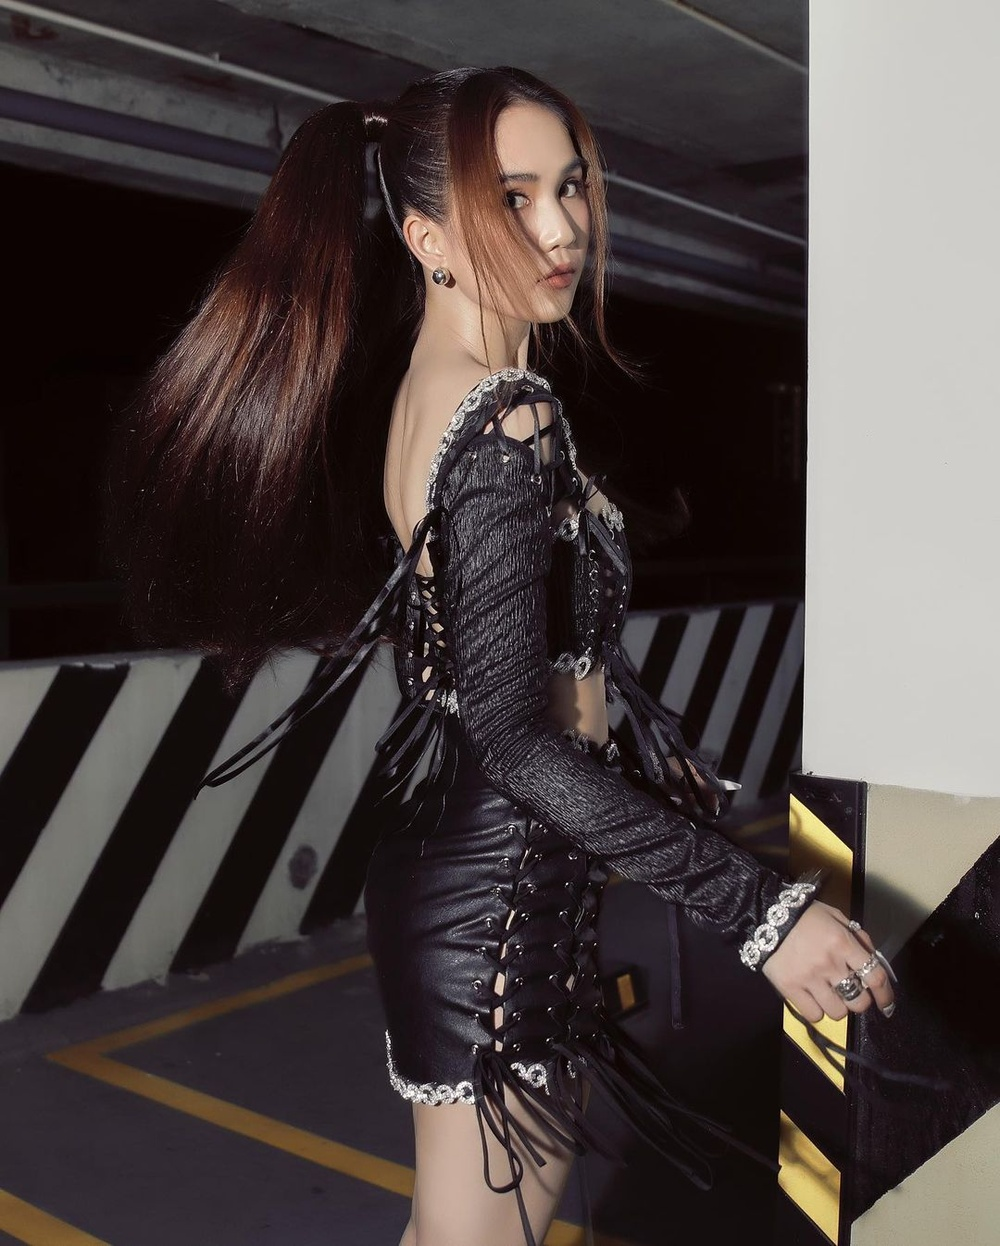 Mặc váy ngắn như gang tay, Ngọc Trinh dùng mẹo cực hay để tránh lộ nội y khi xuống xe Ảnh 2